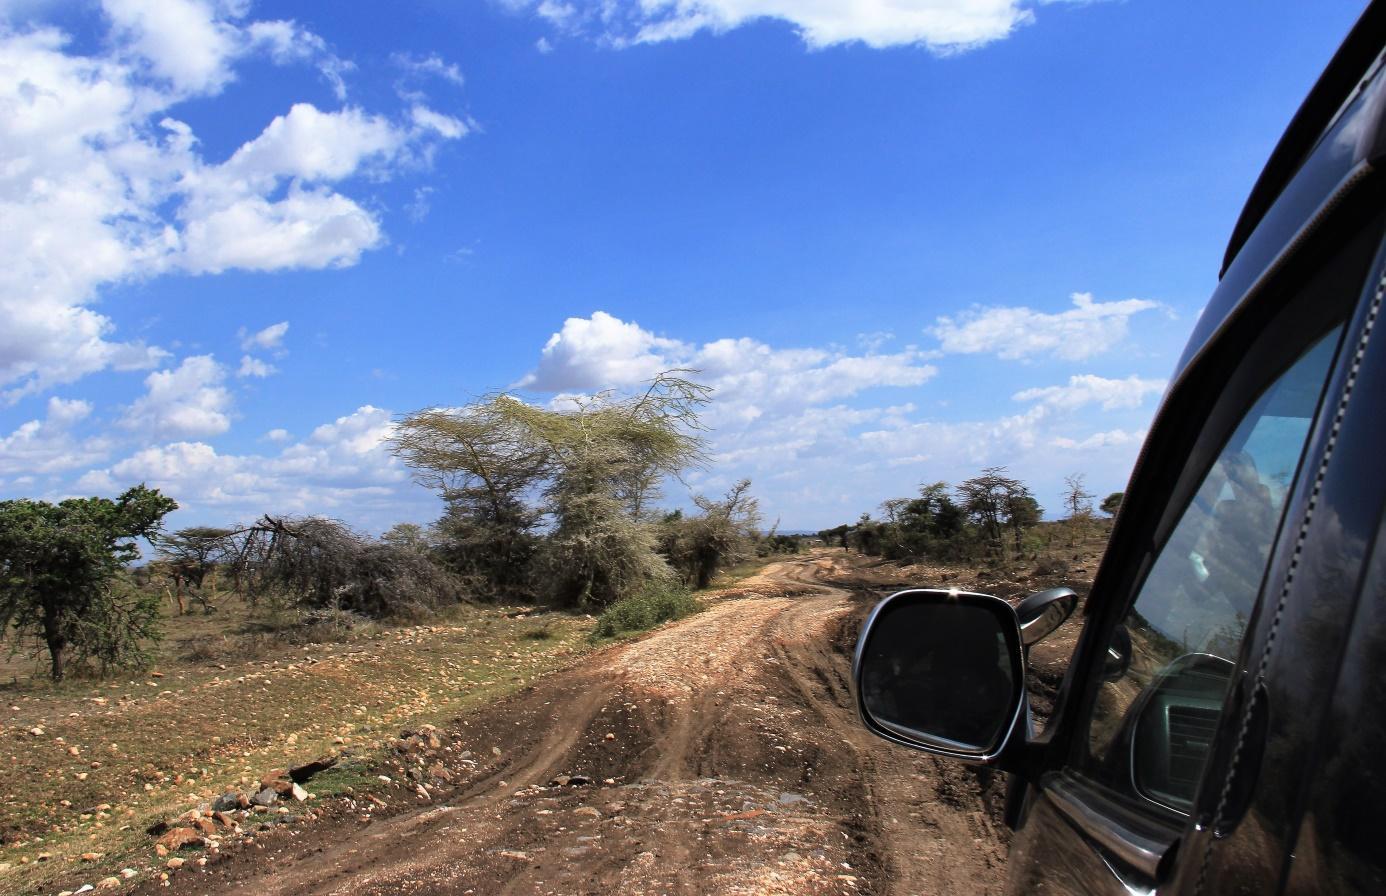 D:\SLIKE\PUTOVANJA\Kenija i Tanzanija 2017\Lea ePodravina\IMG_0184e.jpg